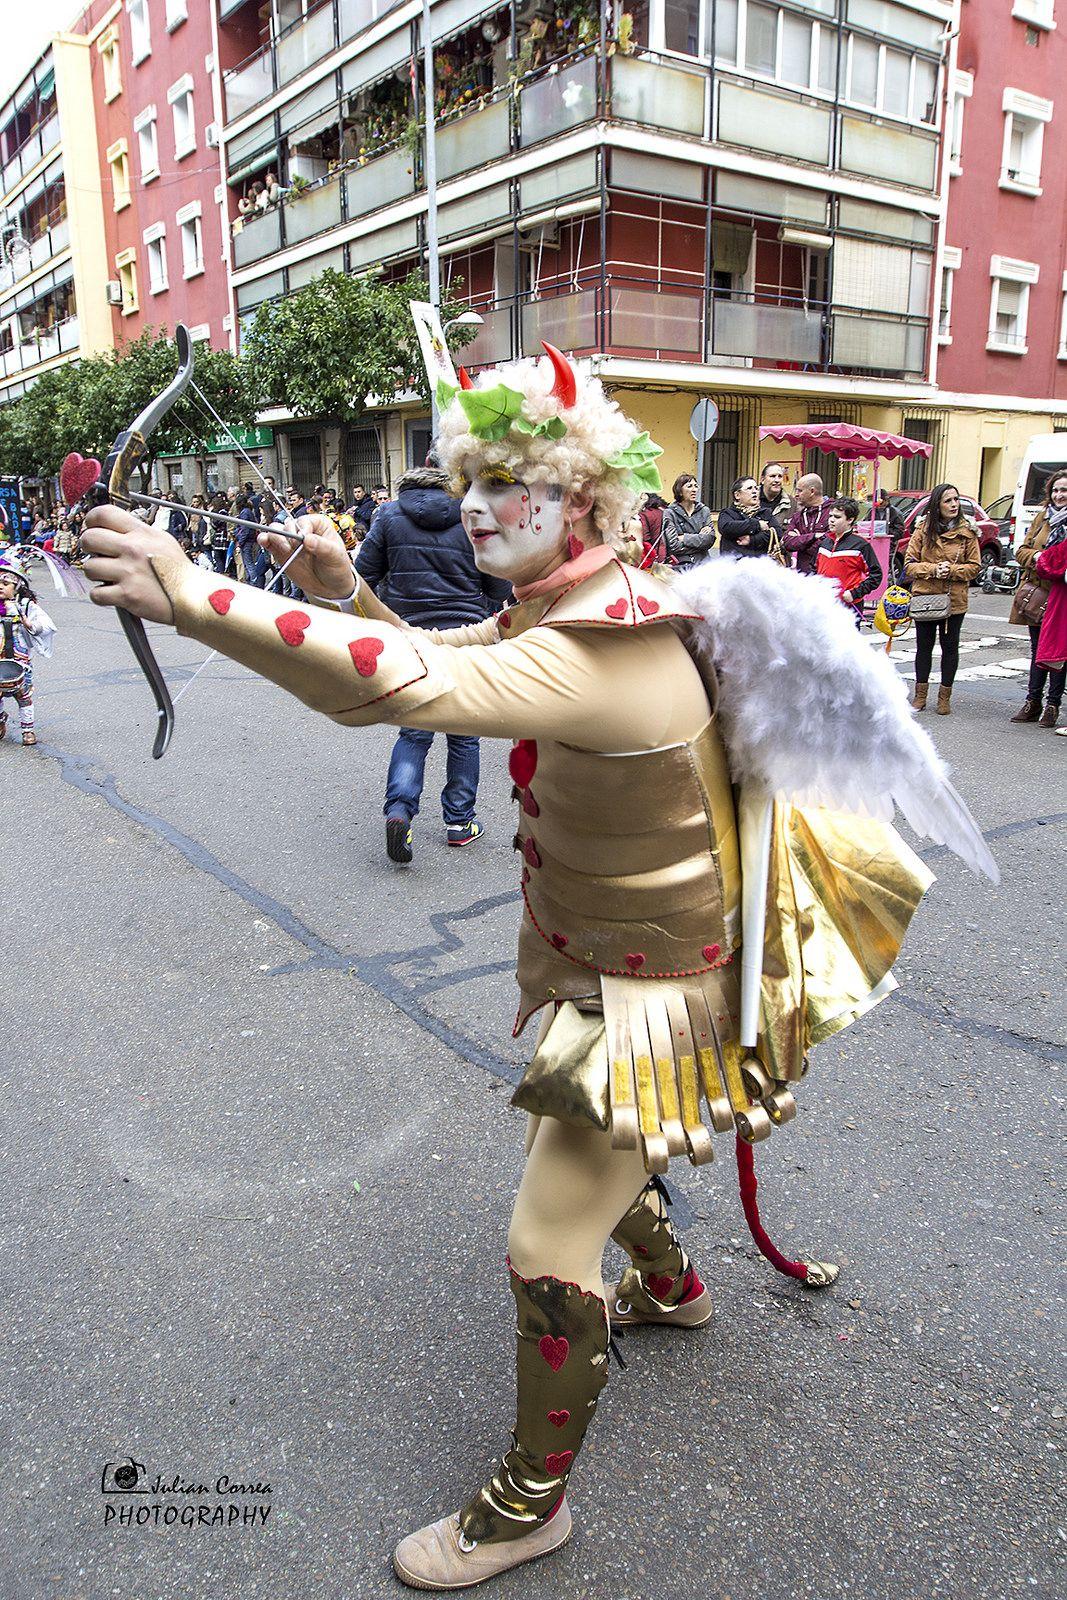 Explore Julián Correa Maestre photos on Flickr. Julián Correa Maestre has uploaded 8893 photos to Flickr.